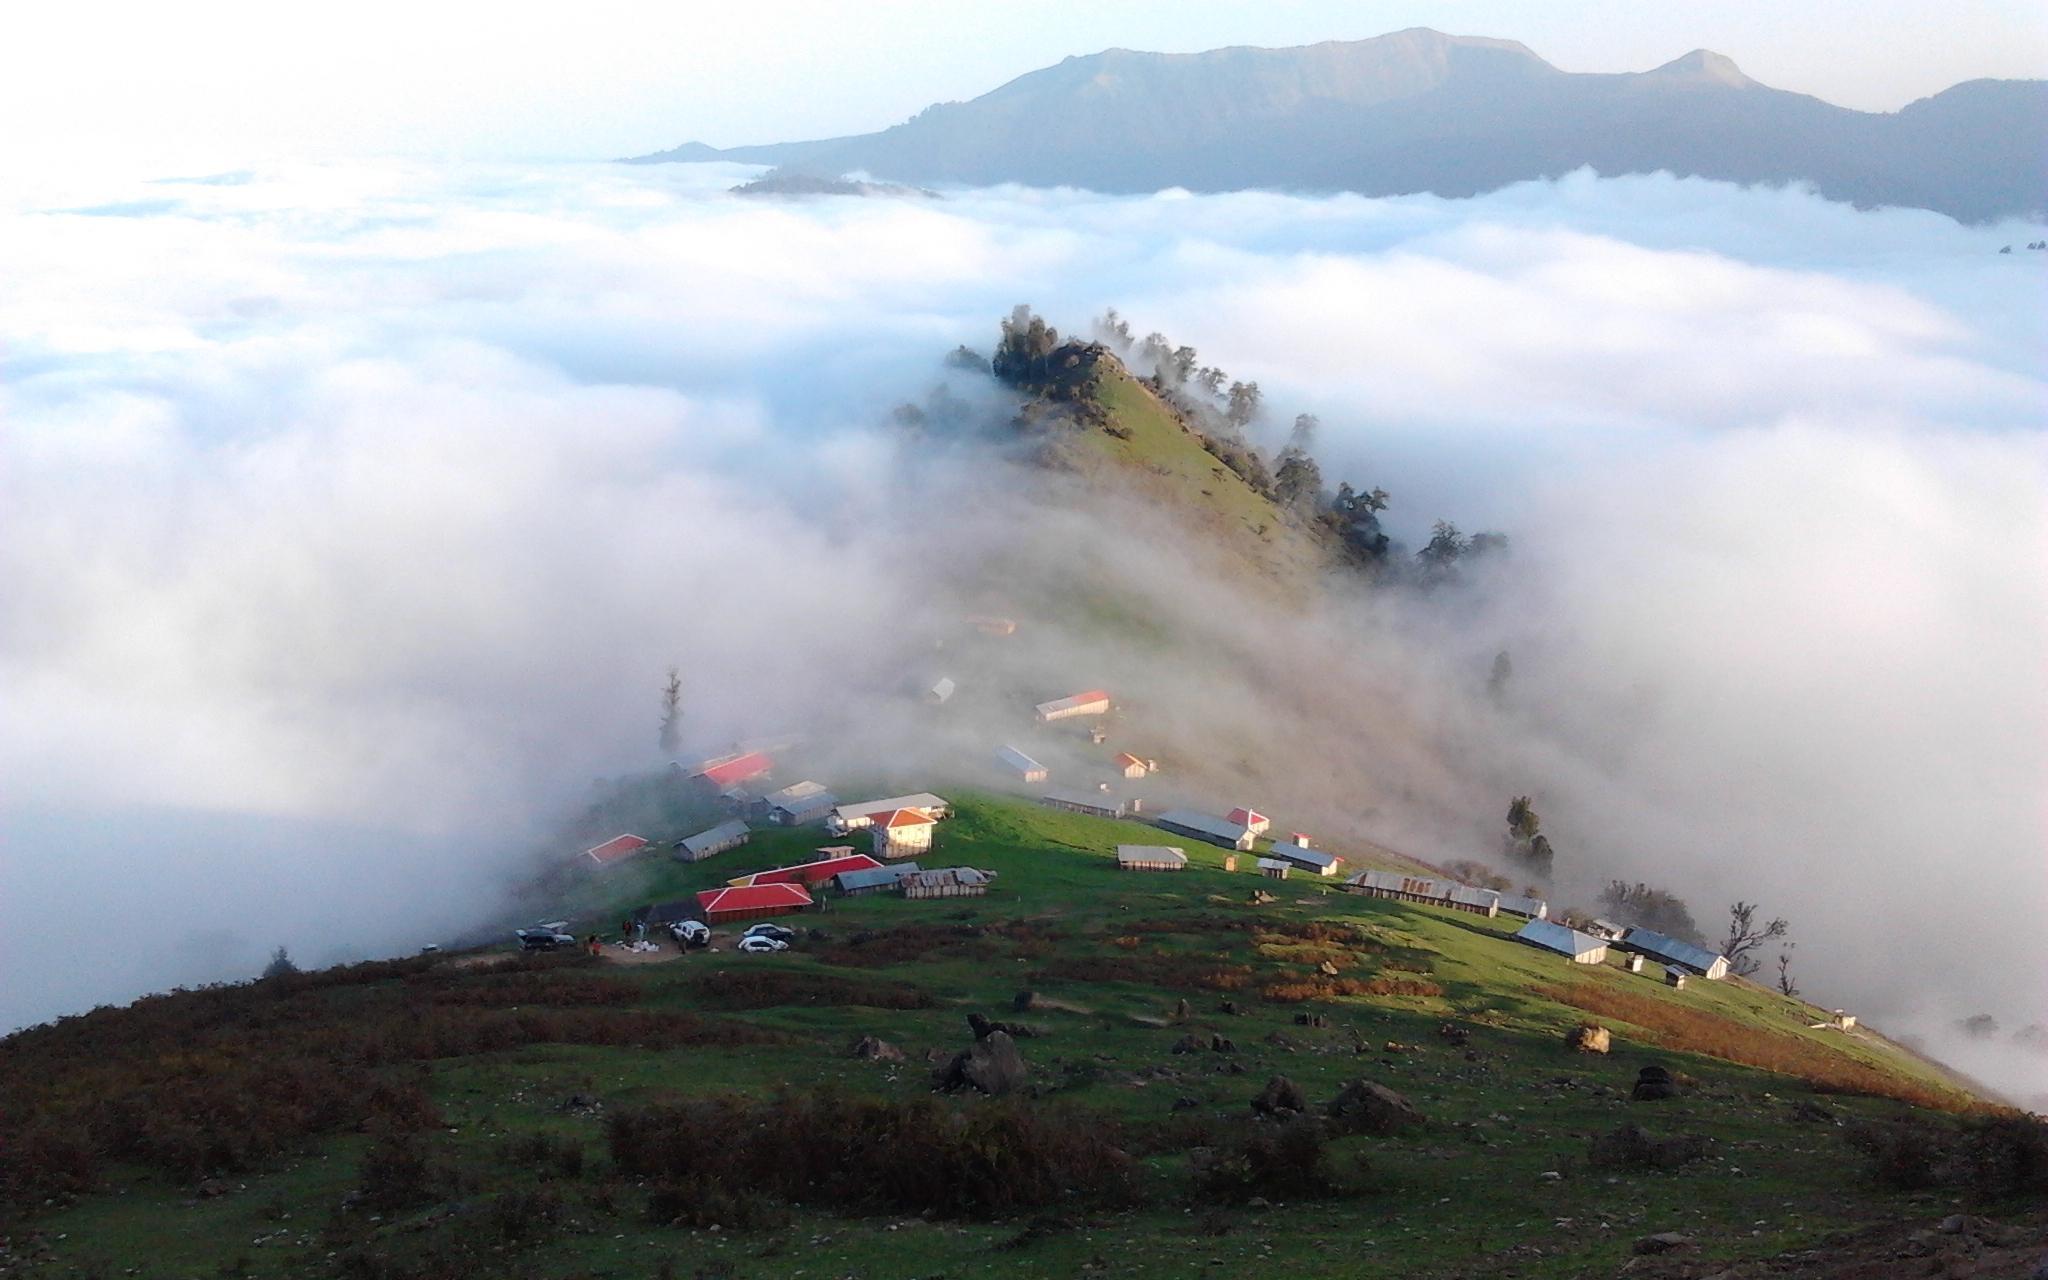 أفضل الأماكن السياحية في محافظة جيلان مع الصور (1)